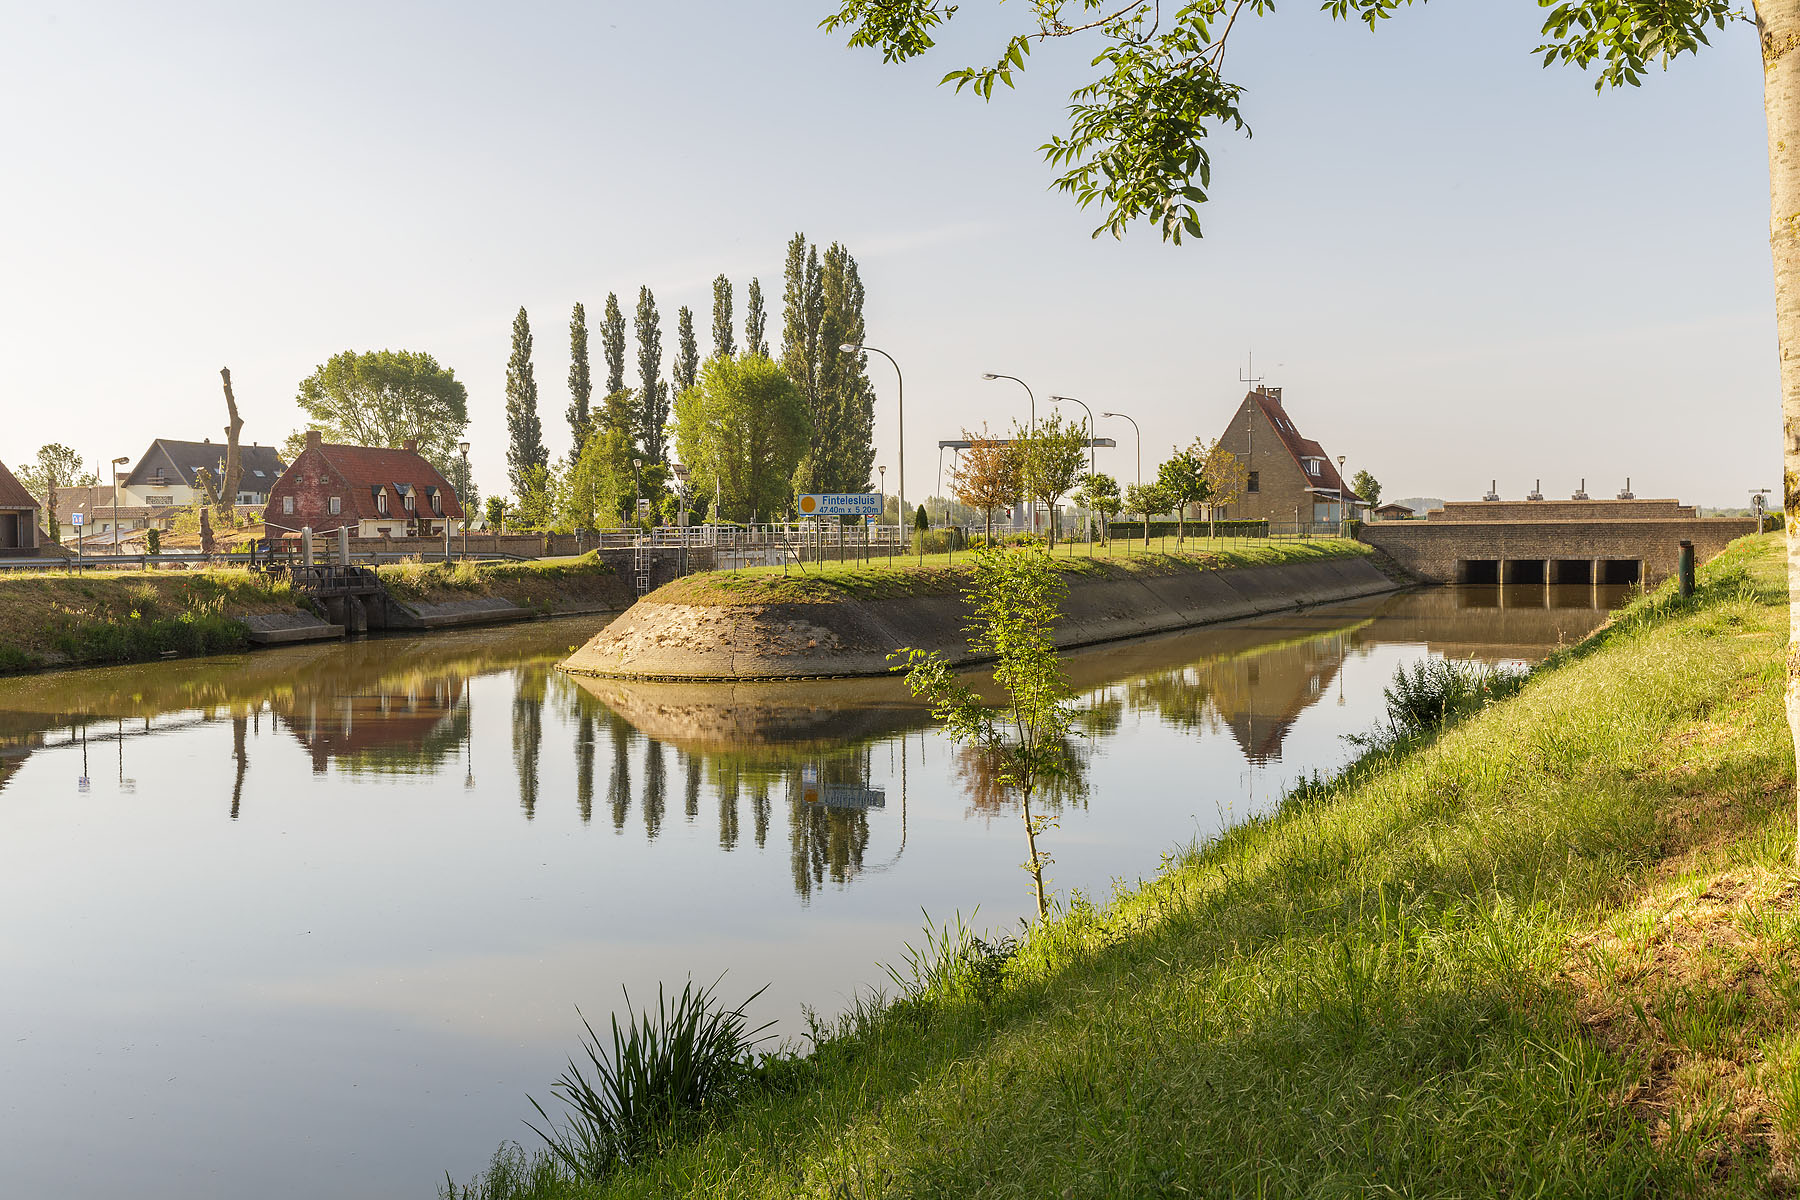 Het prachtige landschap rondom Fintele, Landschapsfotografie in Fintele, Fintele, België, Glenn Vanderbeke